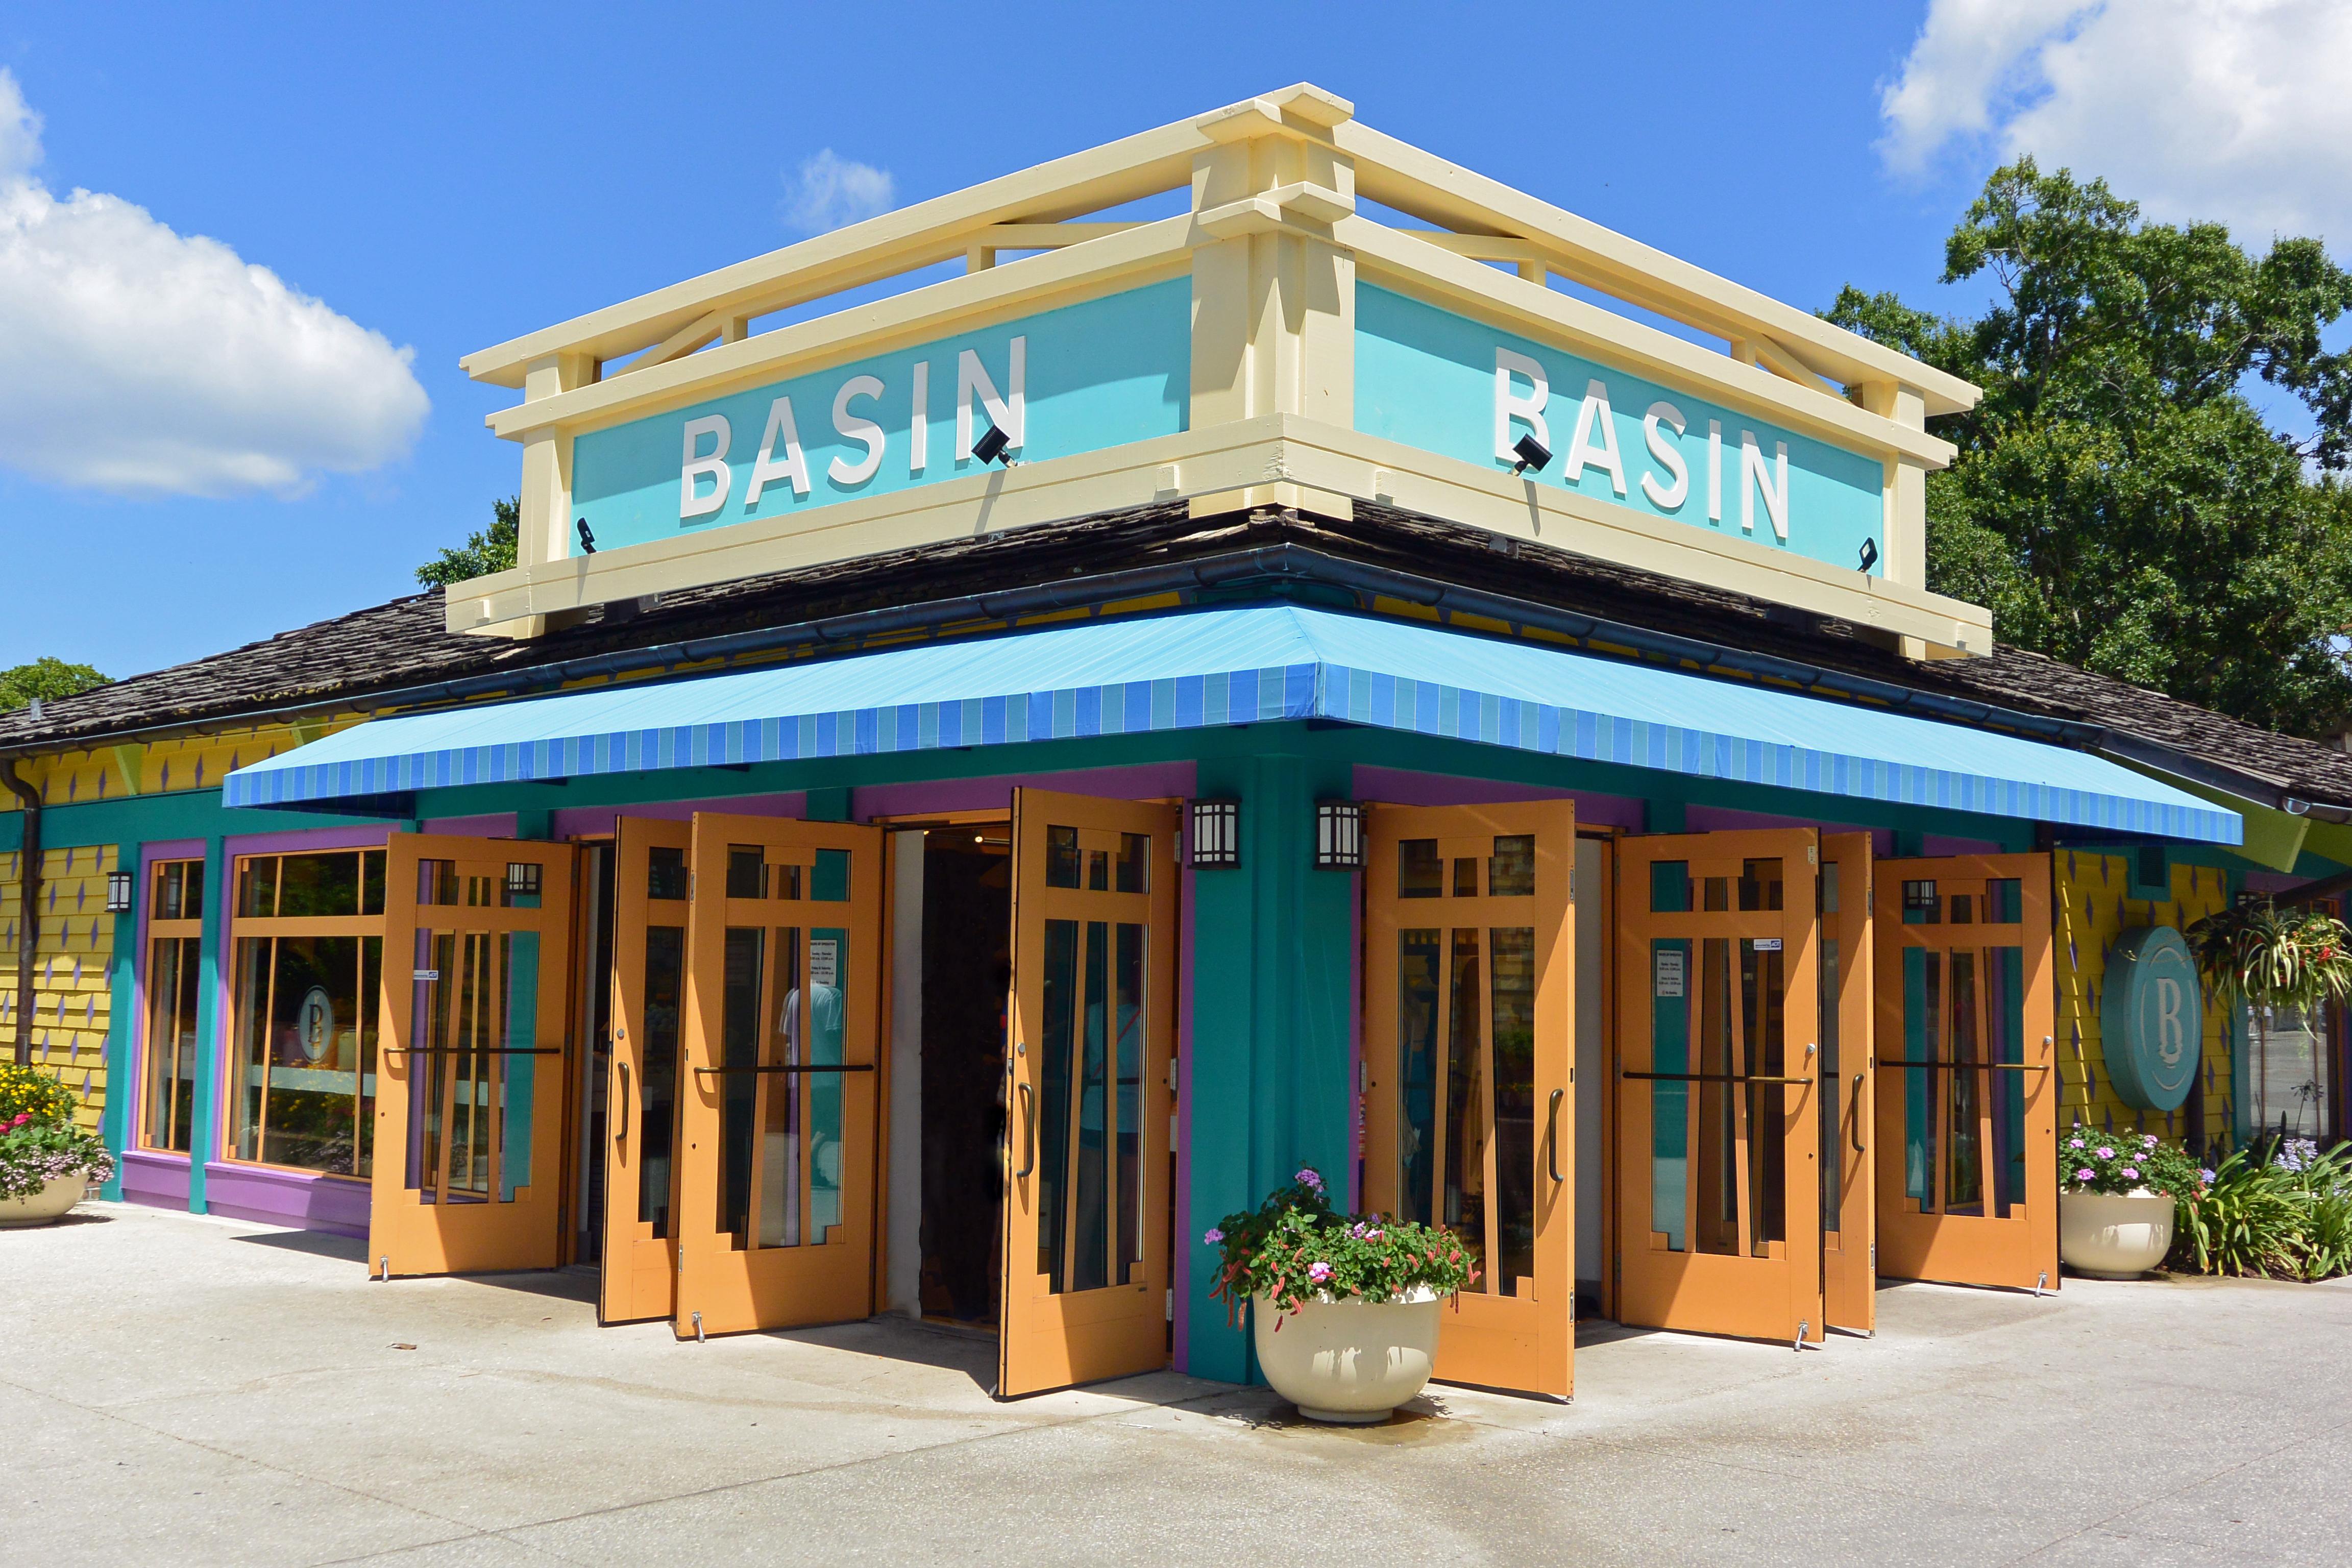 Basin at Downtown Disney